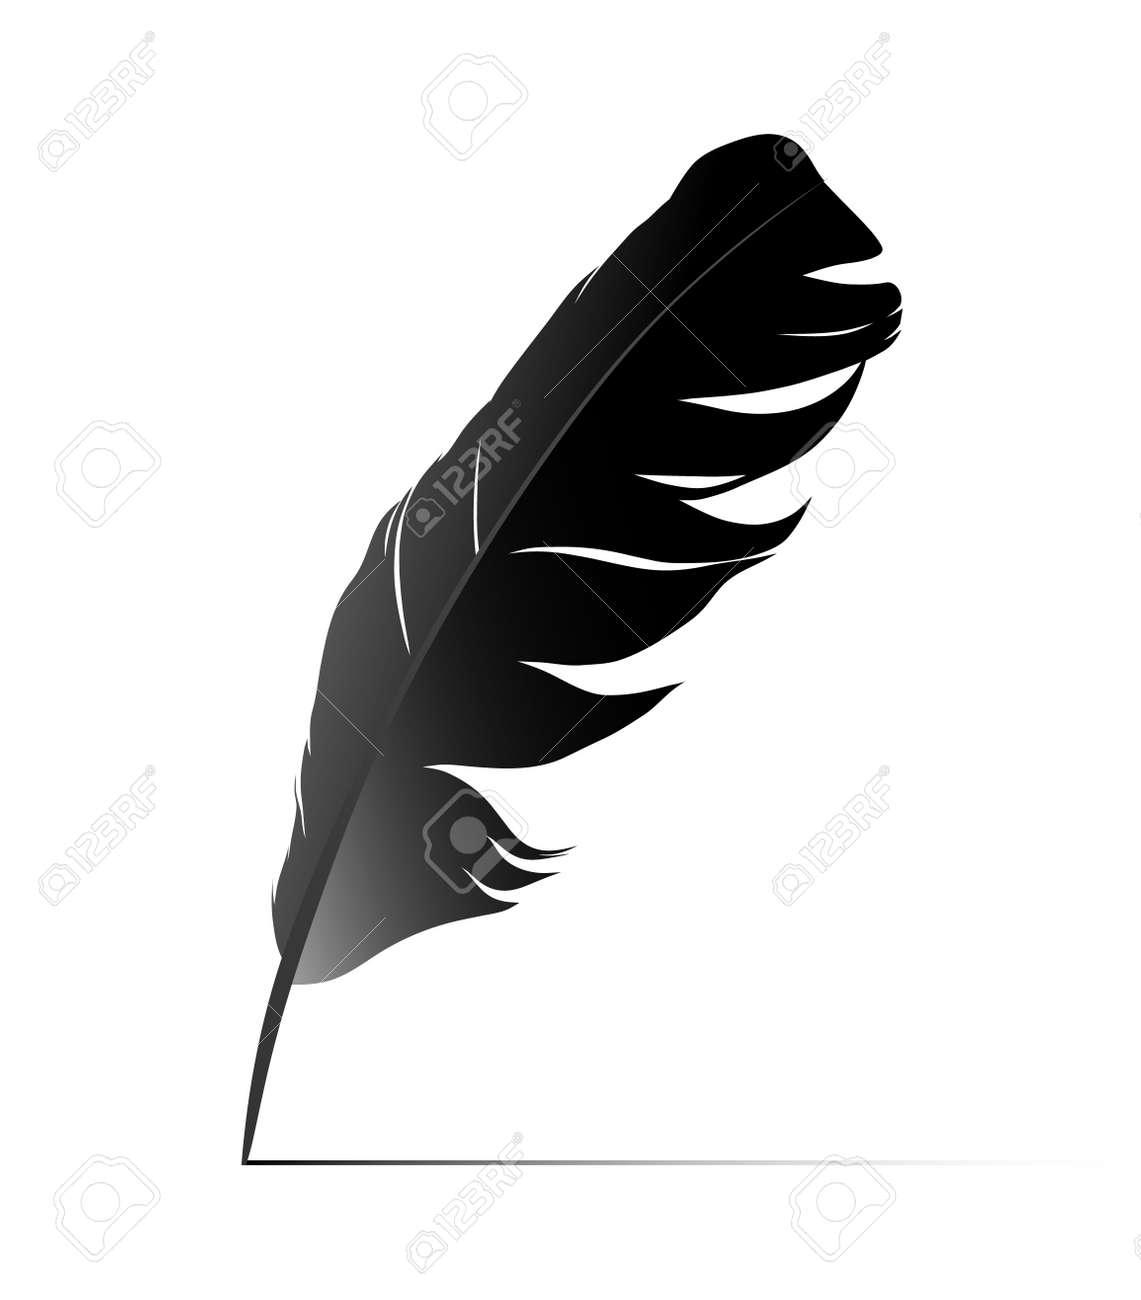 黒の白い背景の上の鳥の羽のイラスト素材ベクタ Image 14988283